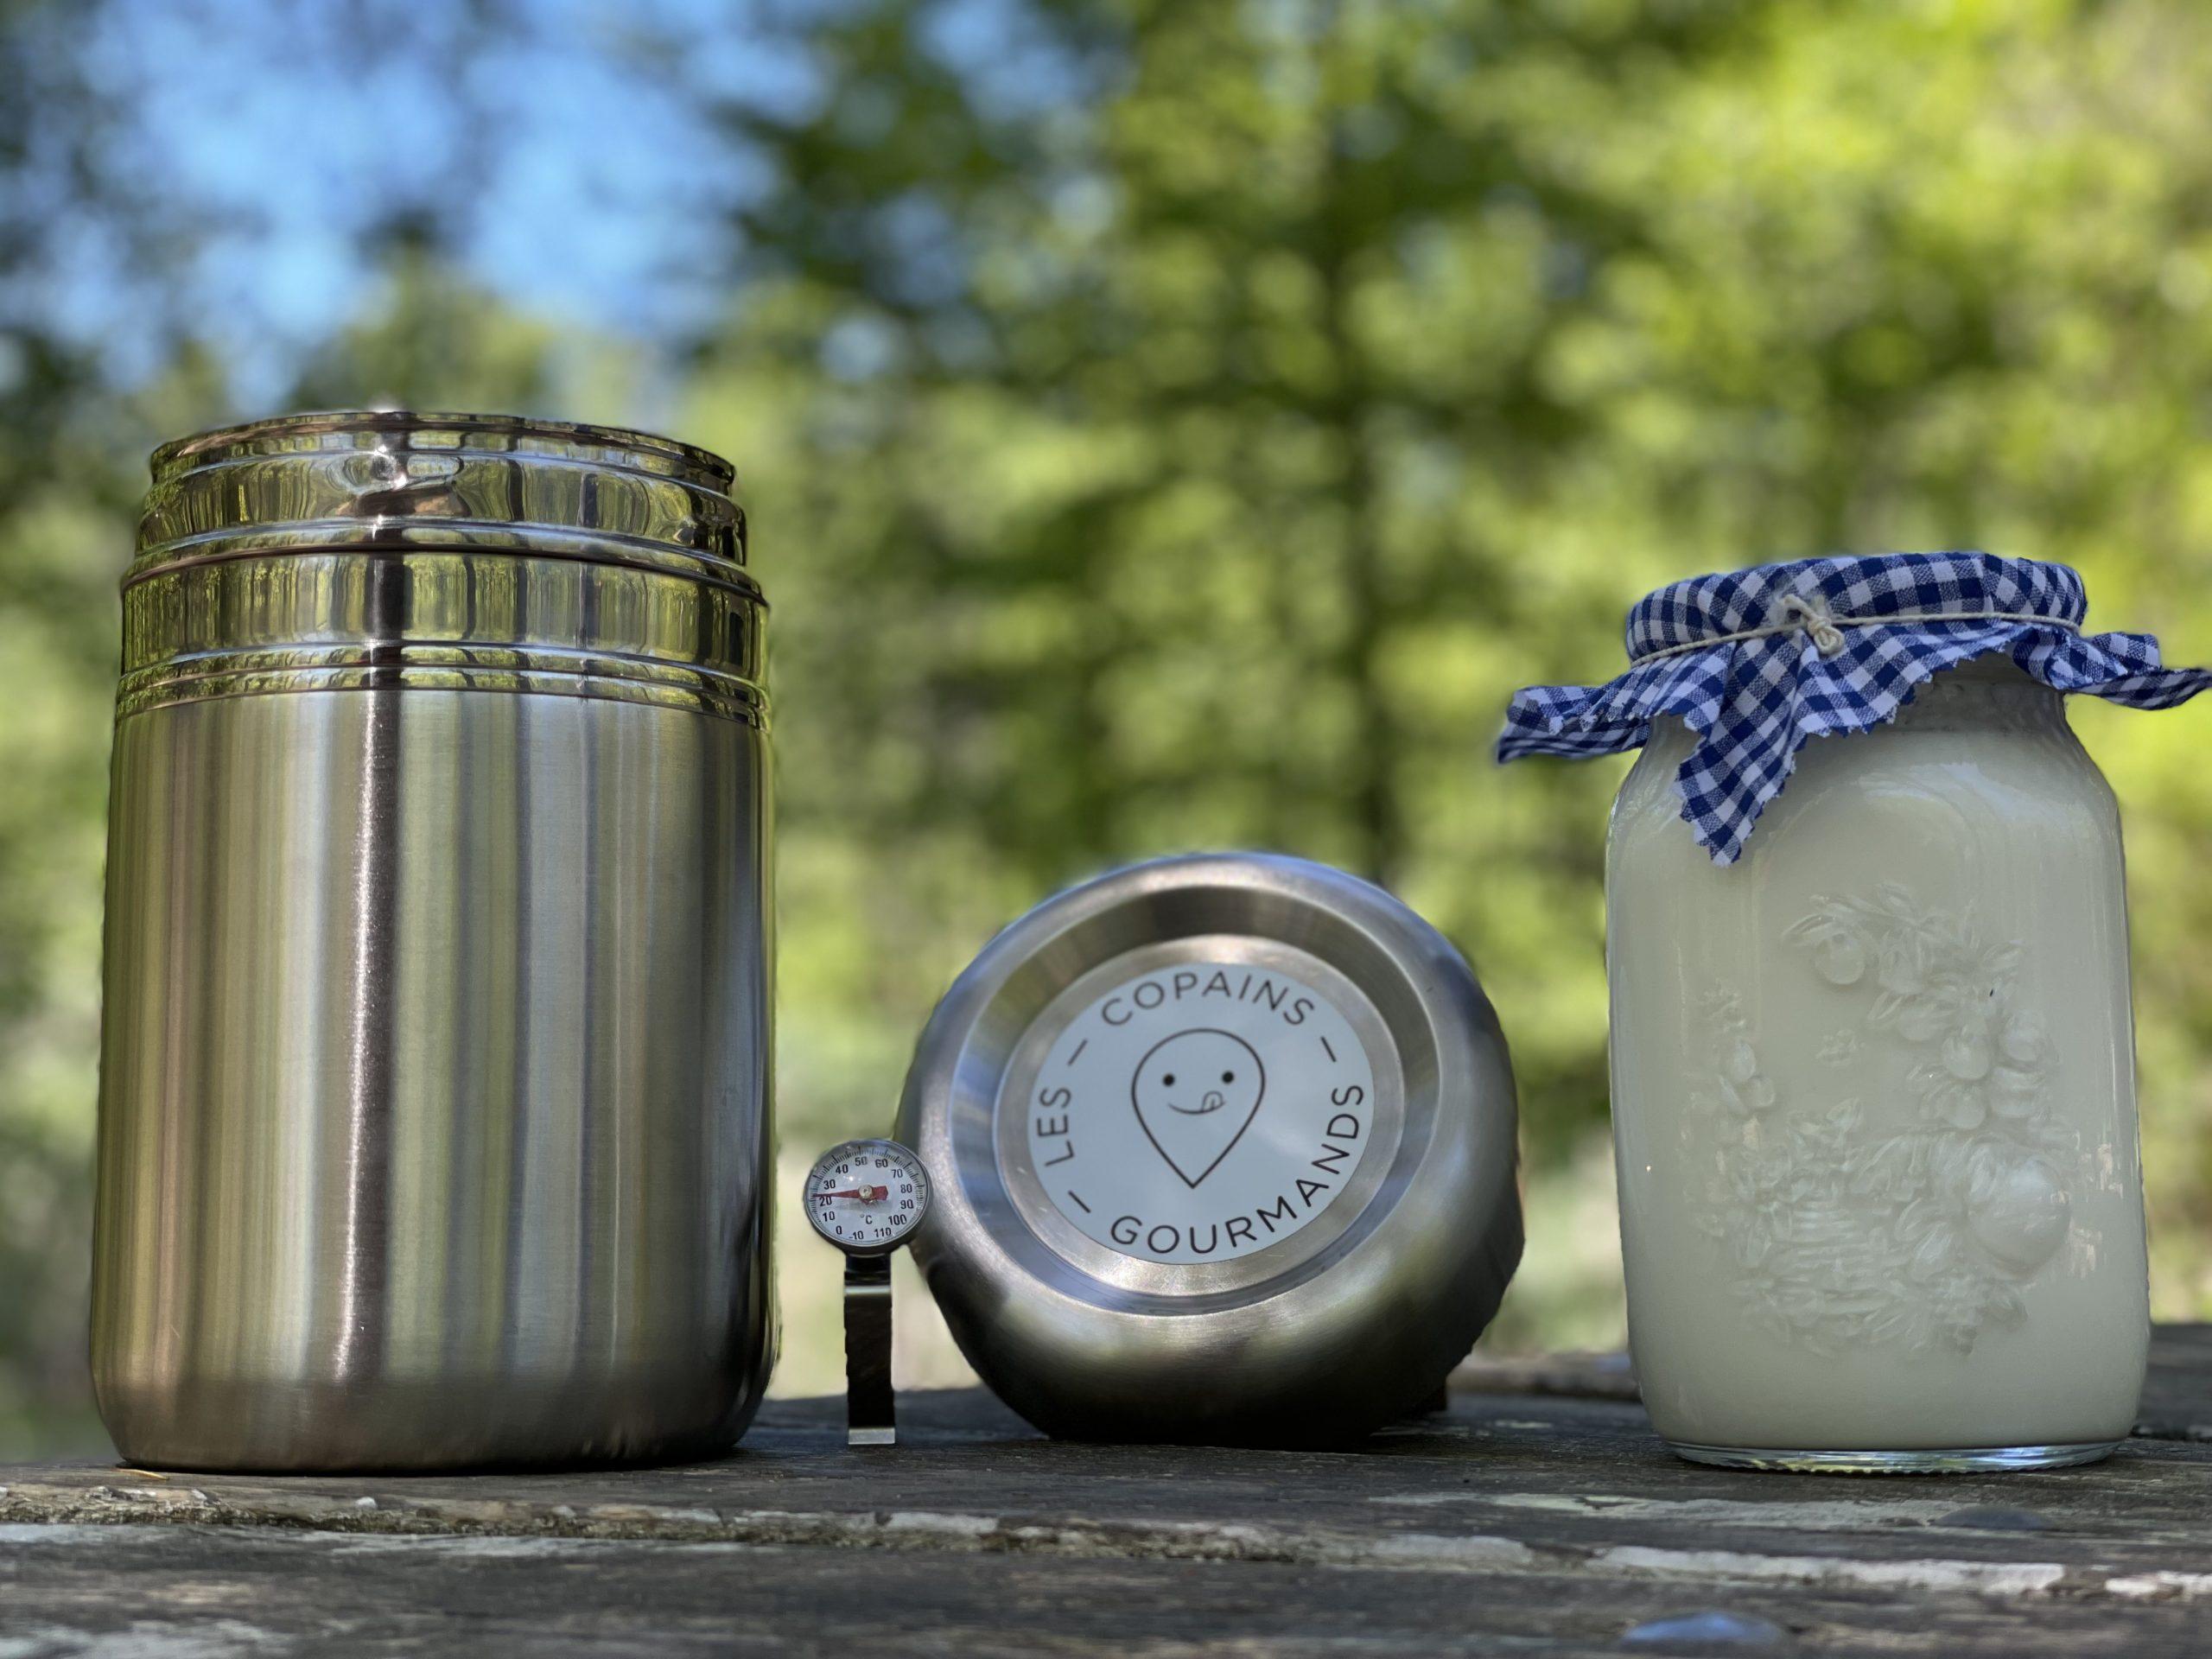 Berengere la Yaourtiere 2 scaled - Les copains gourmands lance la première yaourtière durable en France